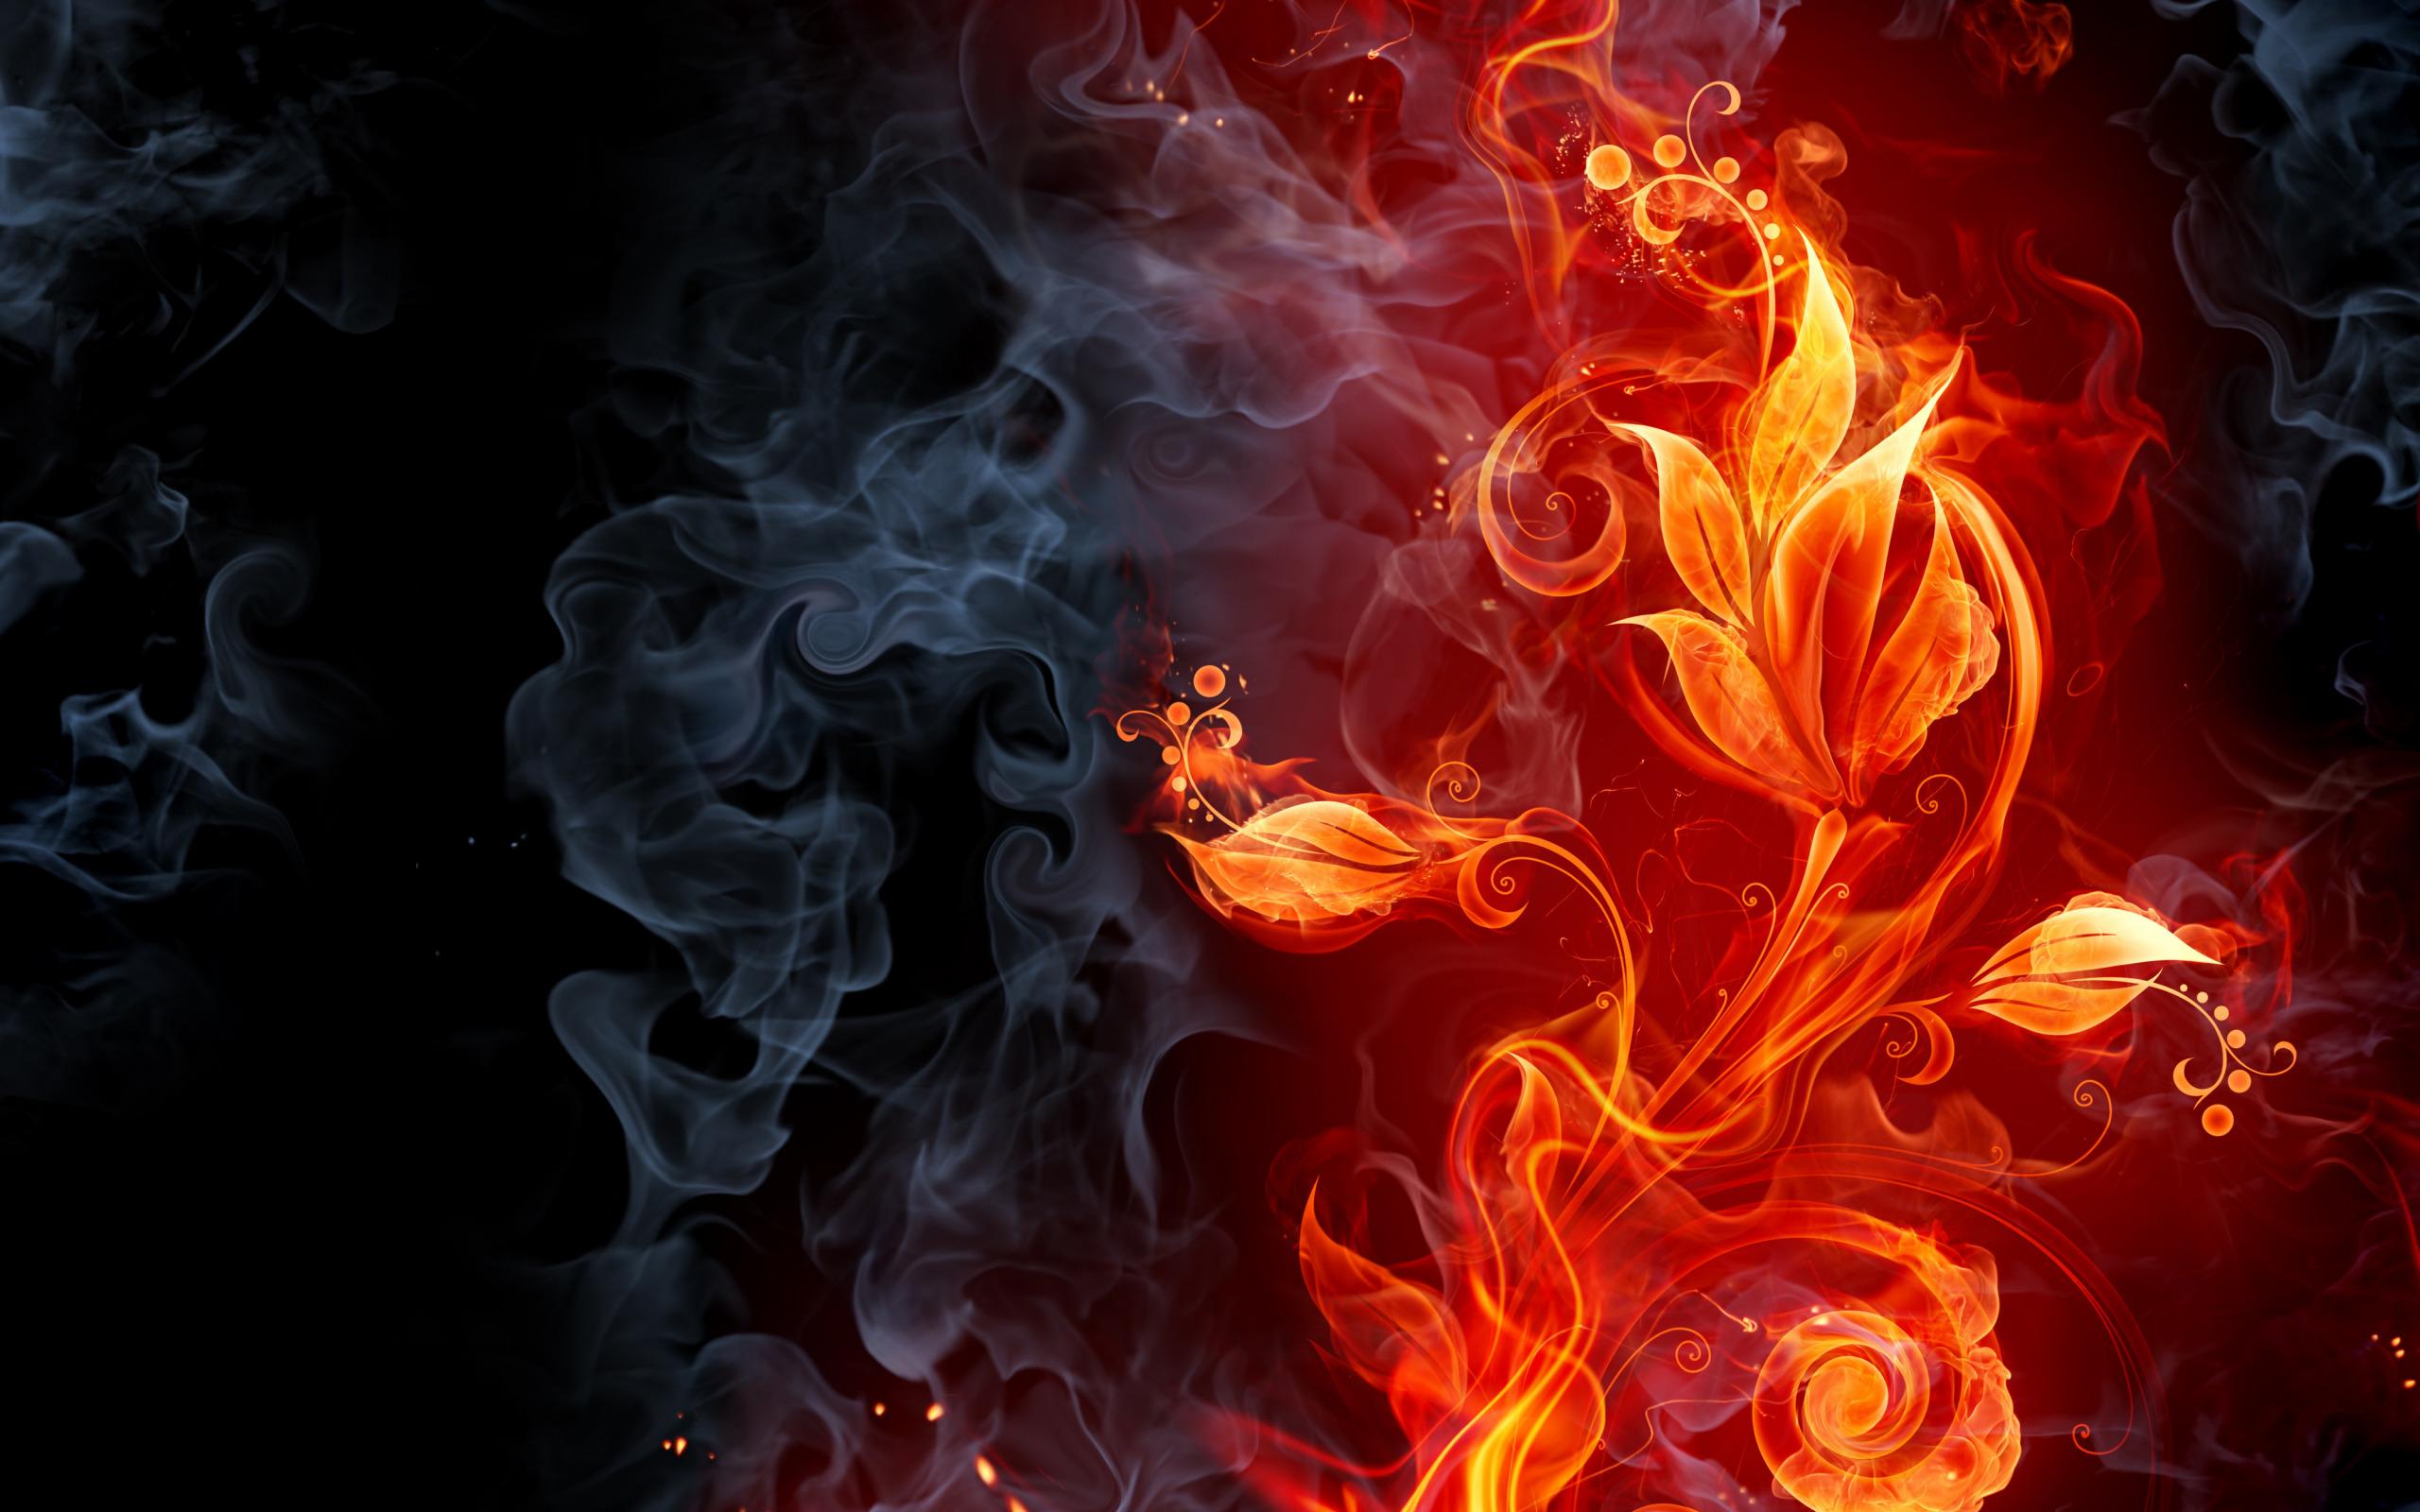 hình ảnh nền lửa ngọn lửa